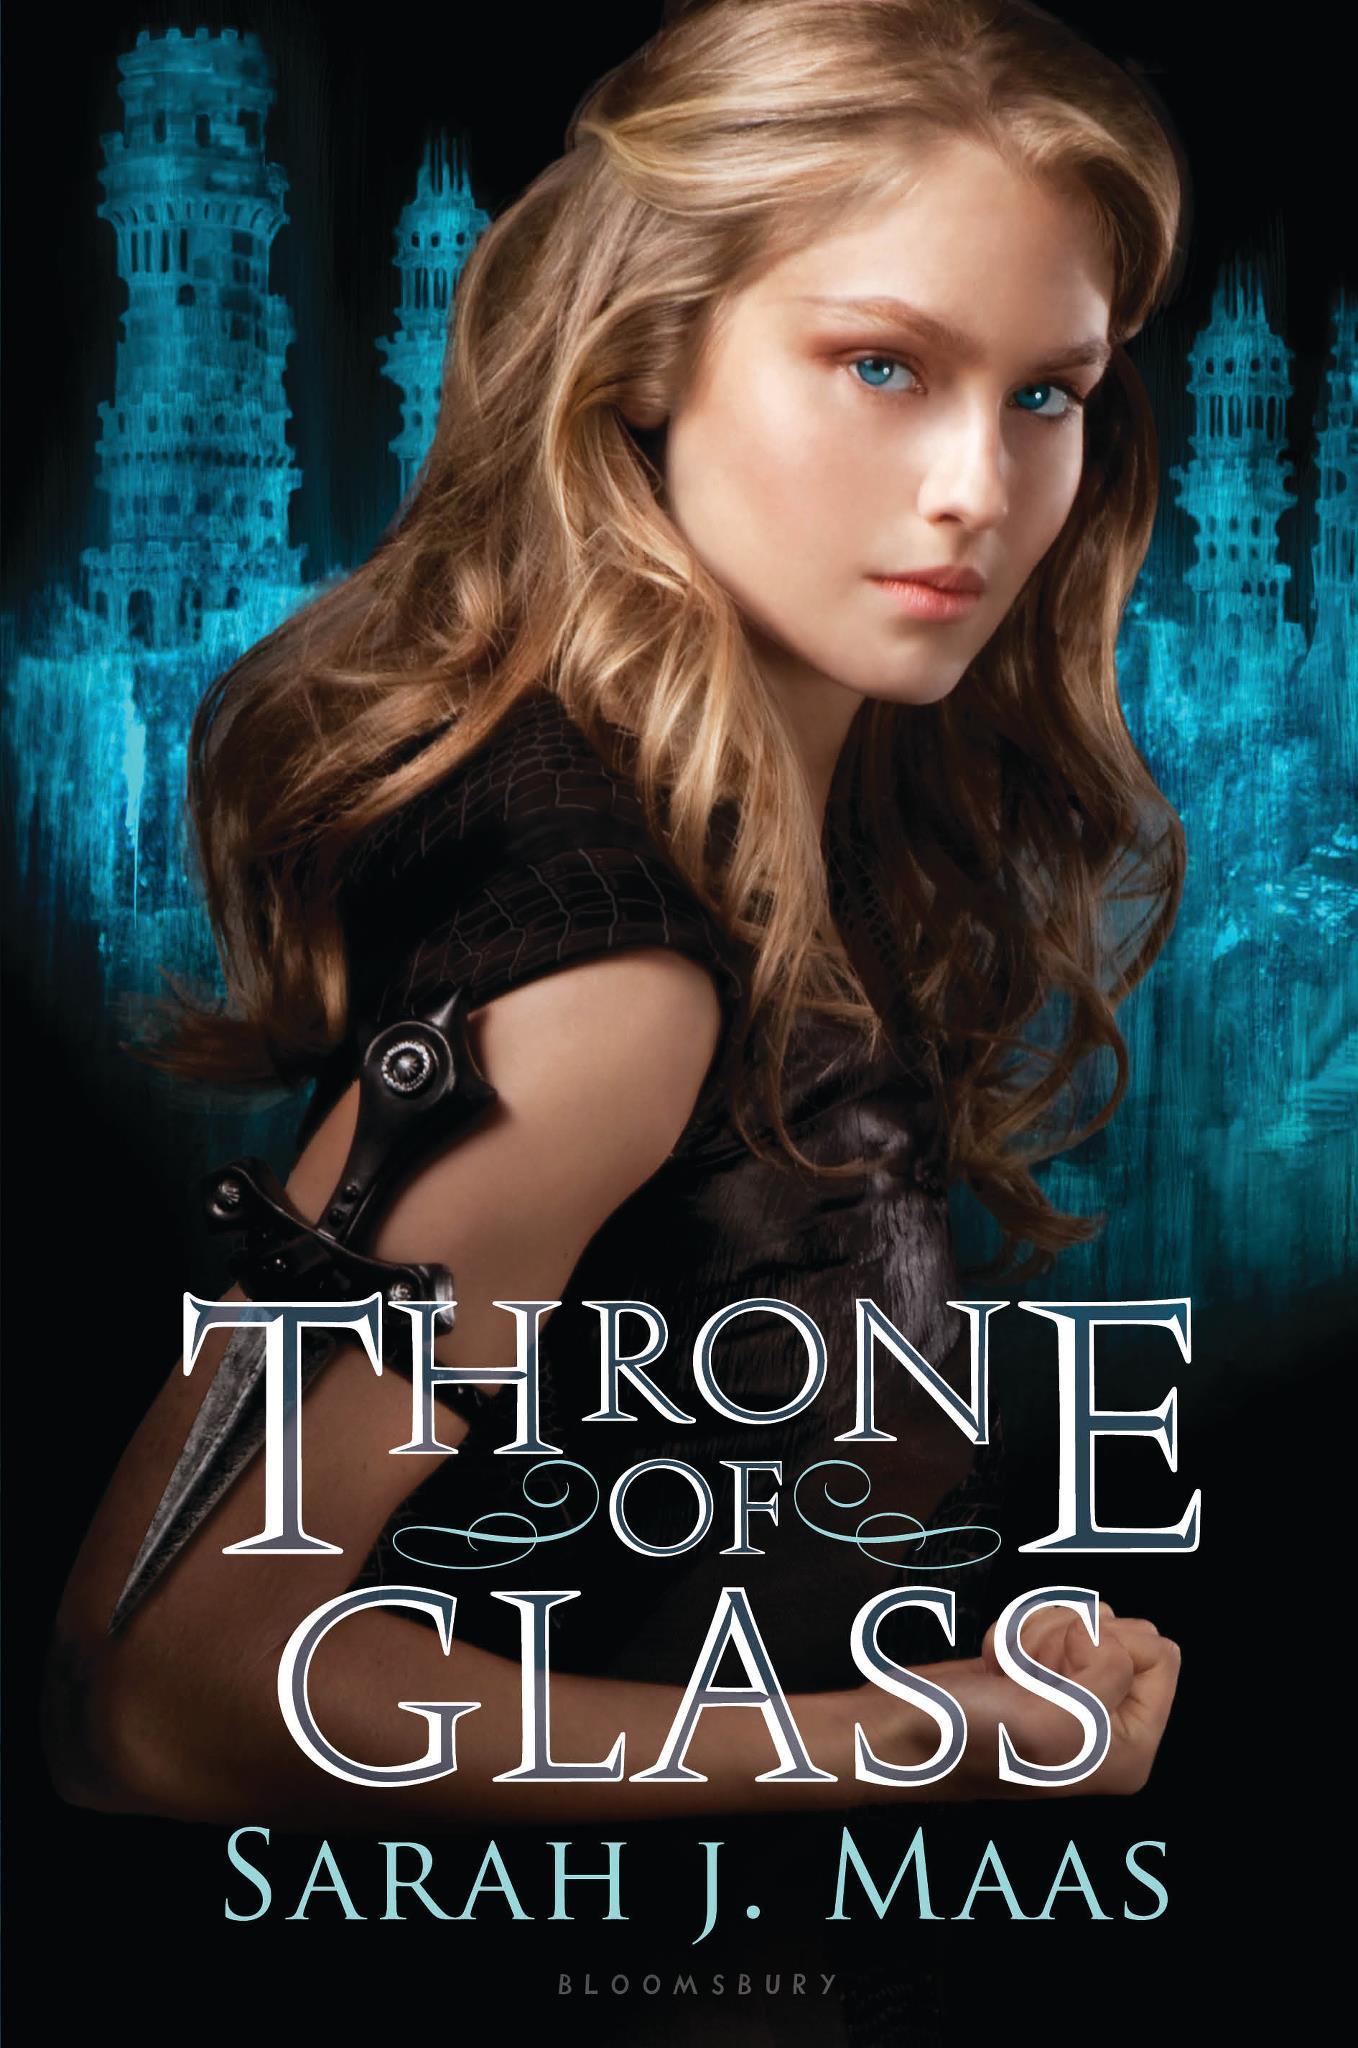 Recensione a il trono di ghiaccio di sarah j maas dove throne of glass le tazzine di yoko fandeluxe Gallery